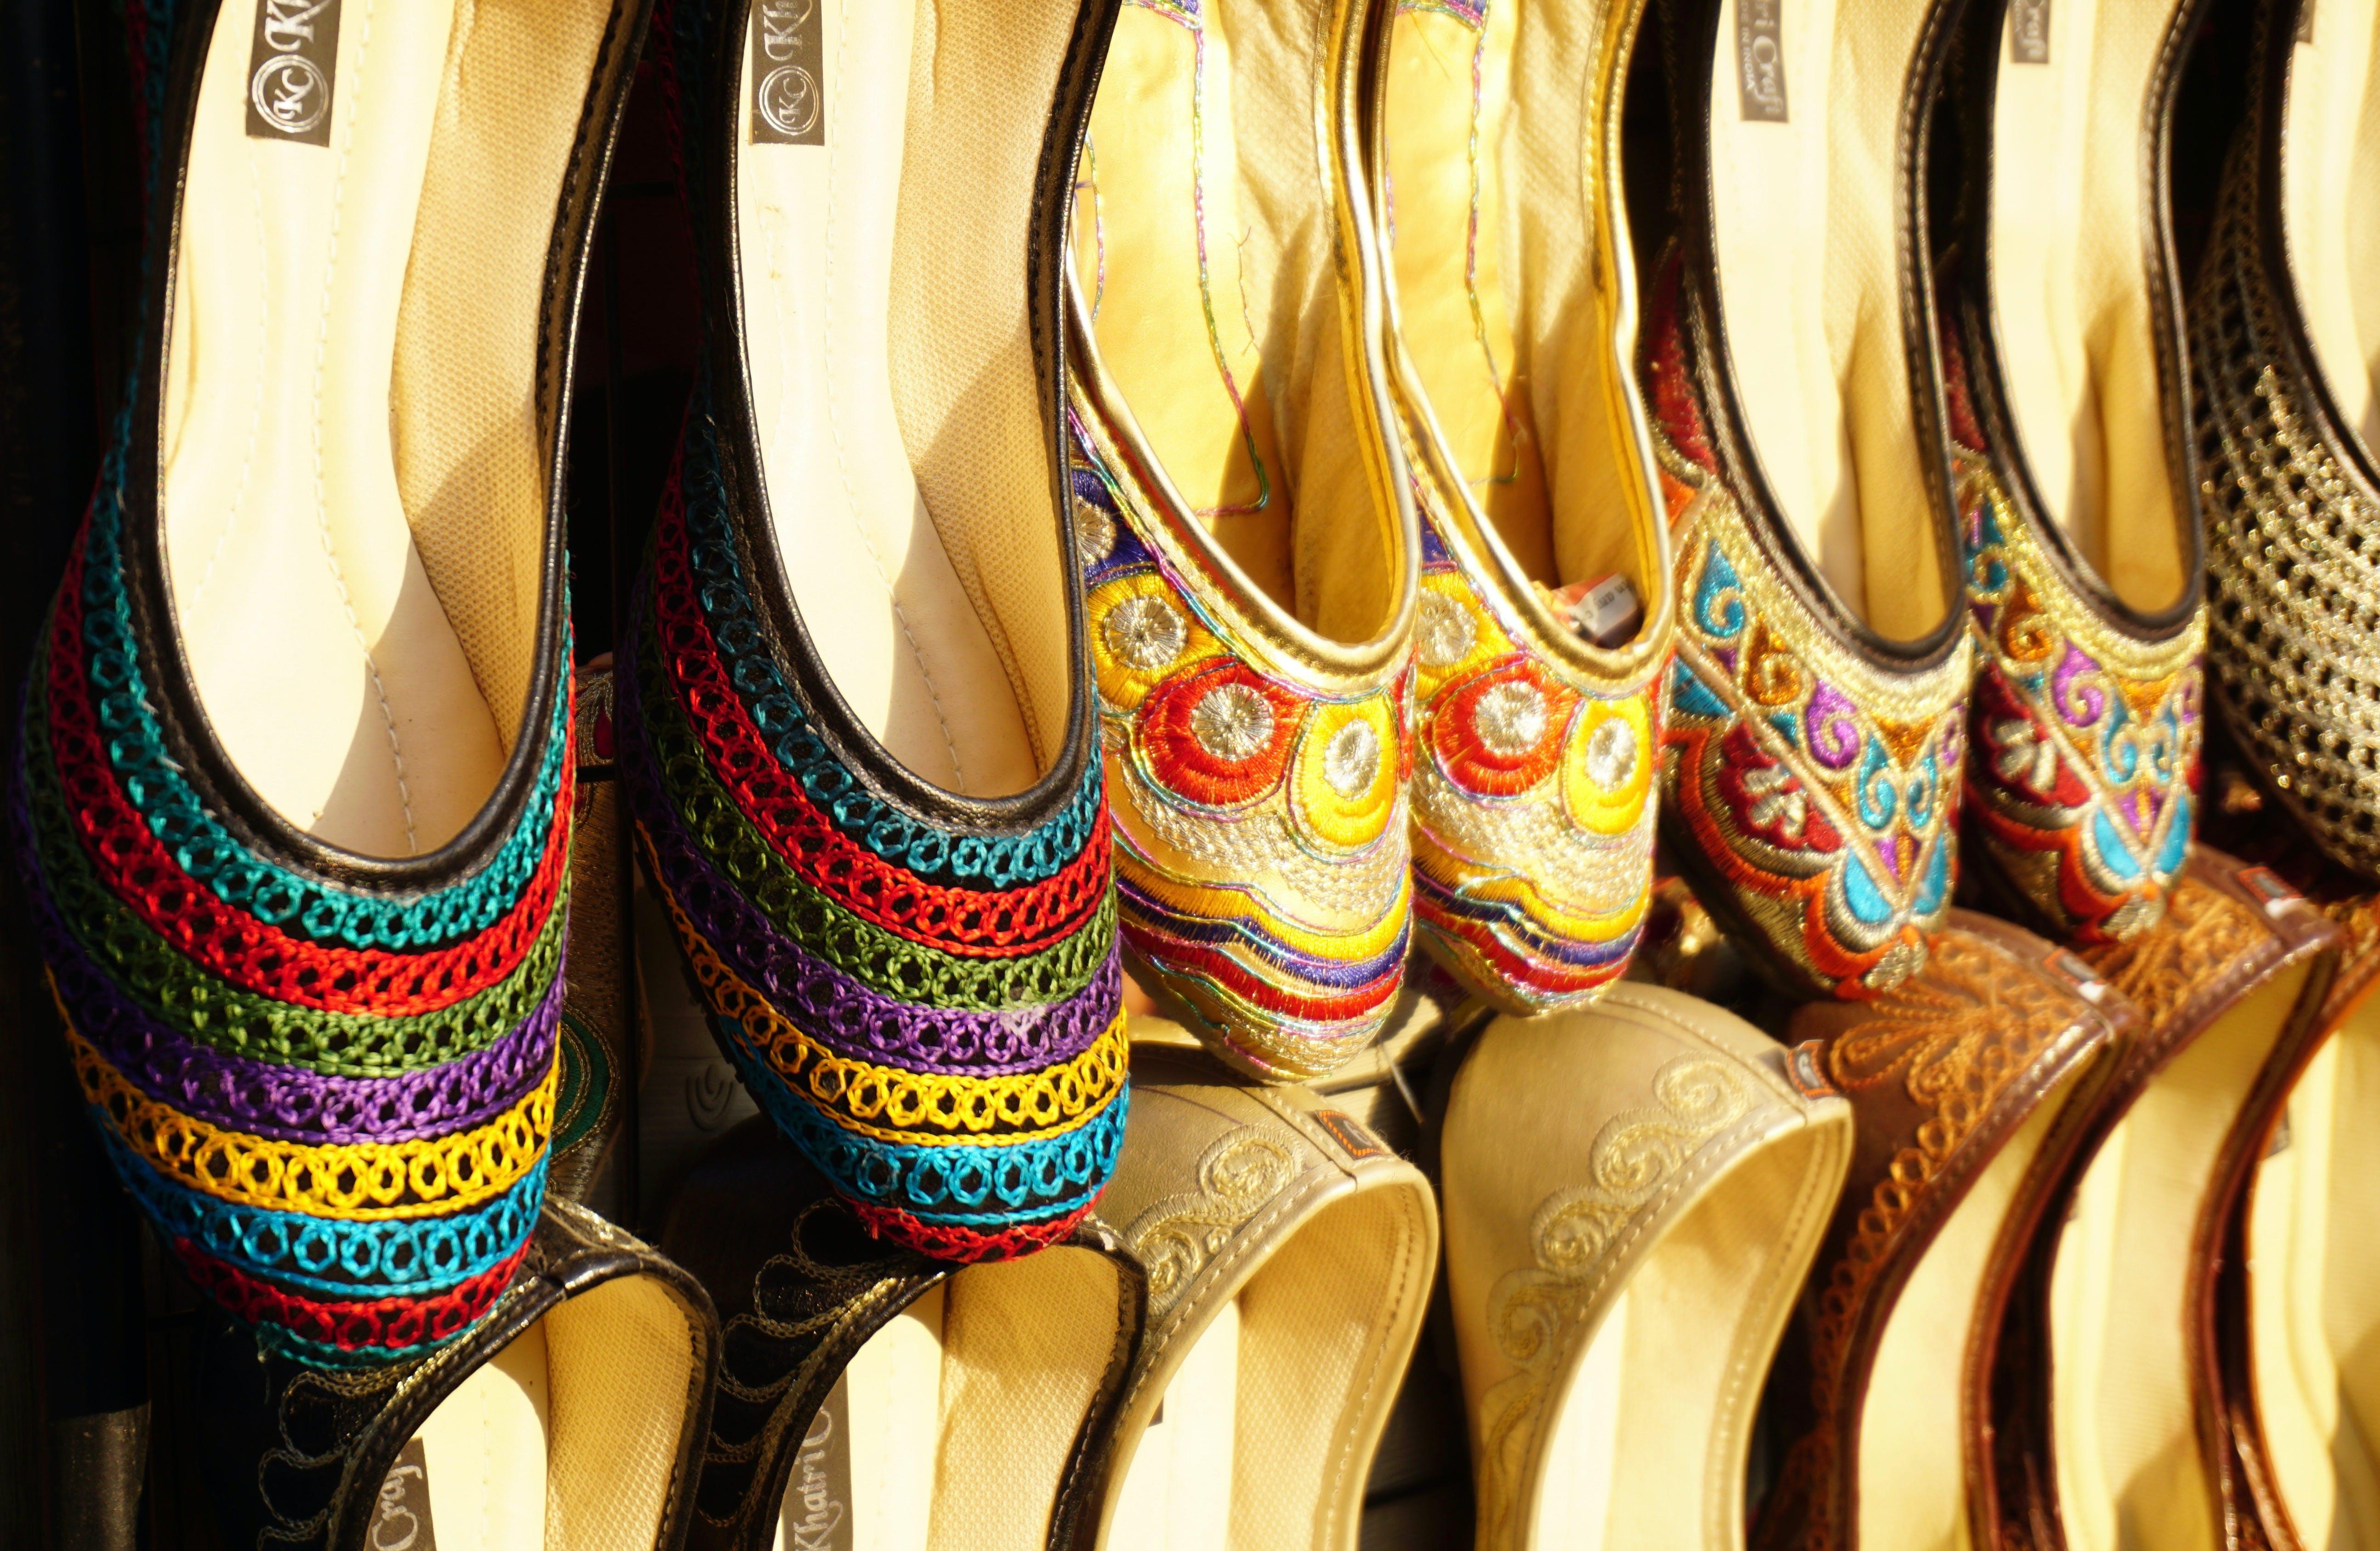 colorful, colourful, creative